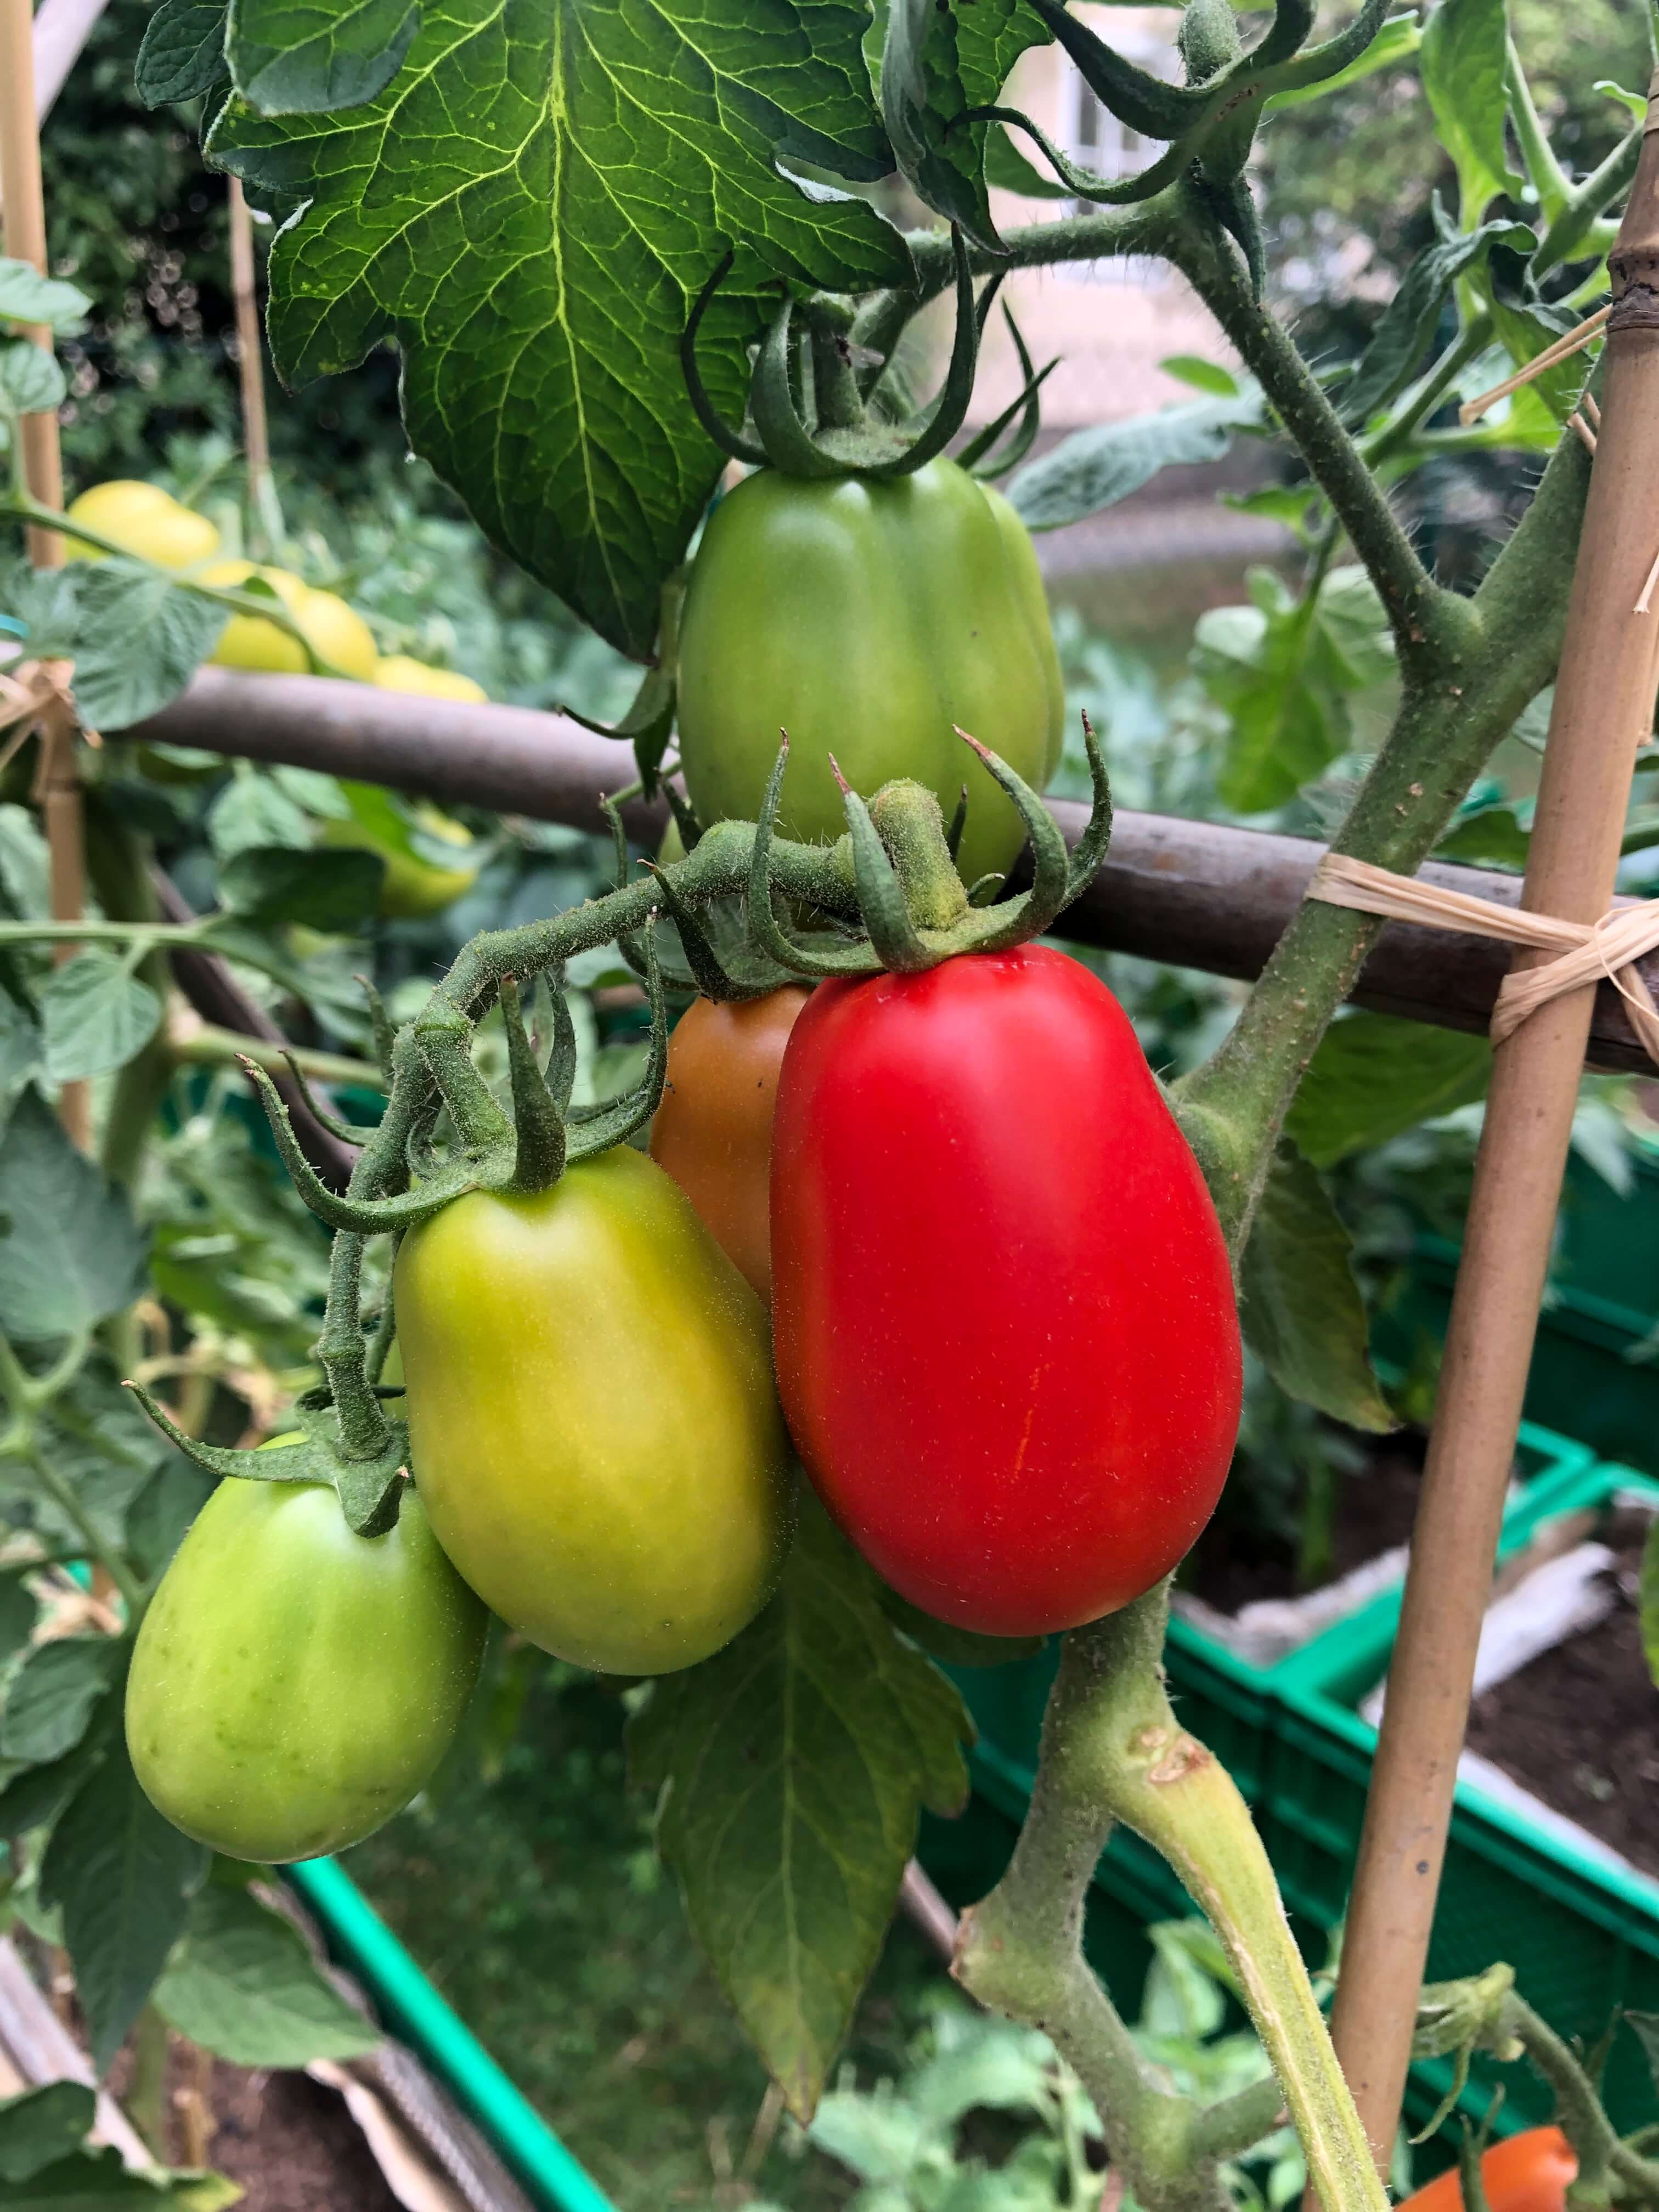 Die ersten Tomaten lassen sich bald ernten / Foto: FLOW WOLF